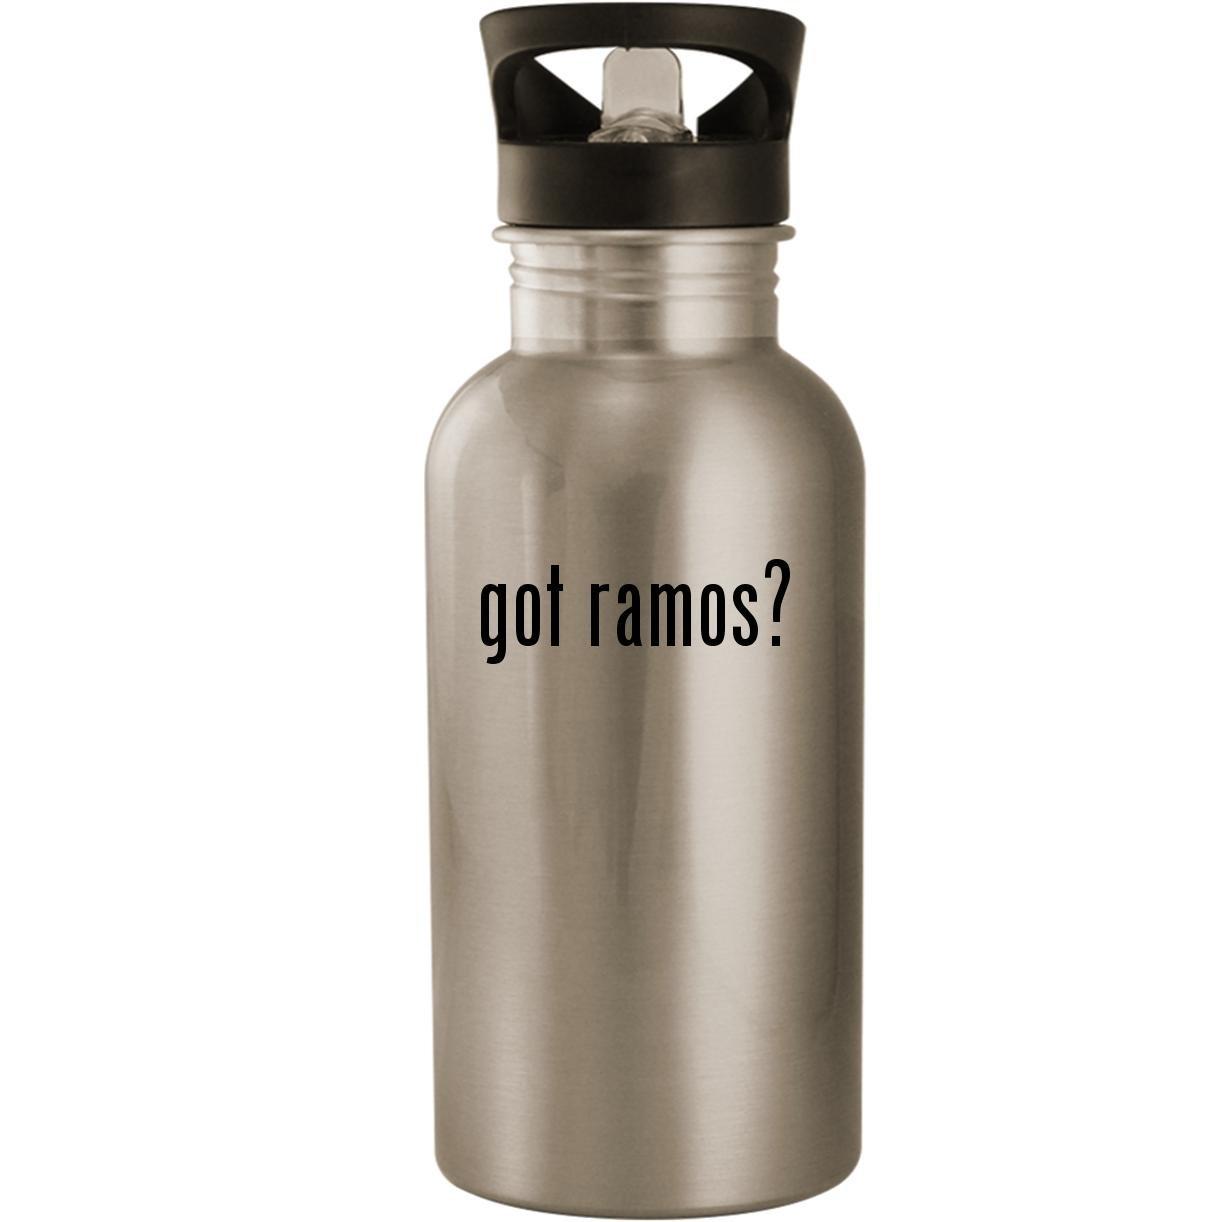 Got Ramos  – ステンレススチール20oz Road Ready水ボトル シルバー US-C-07-18-01-083542-04-26-18-26 B07FMNDJMP  シルバー